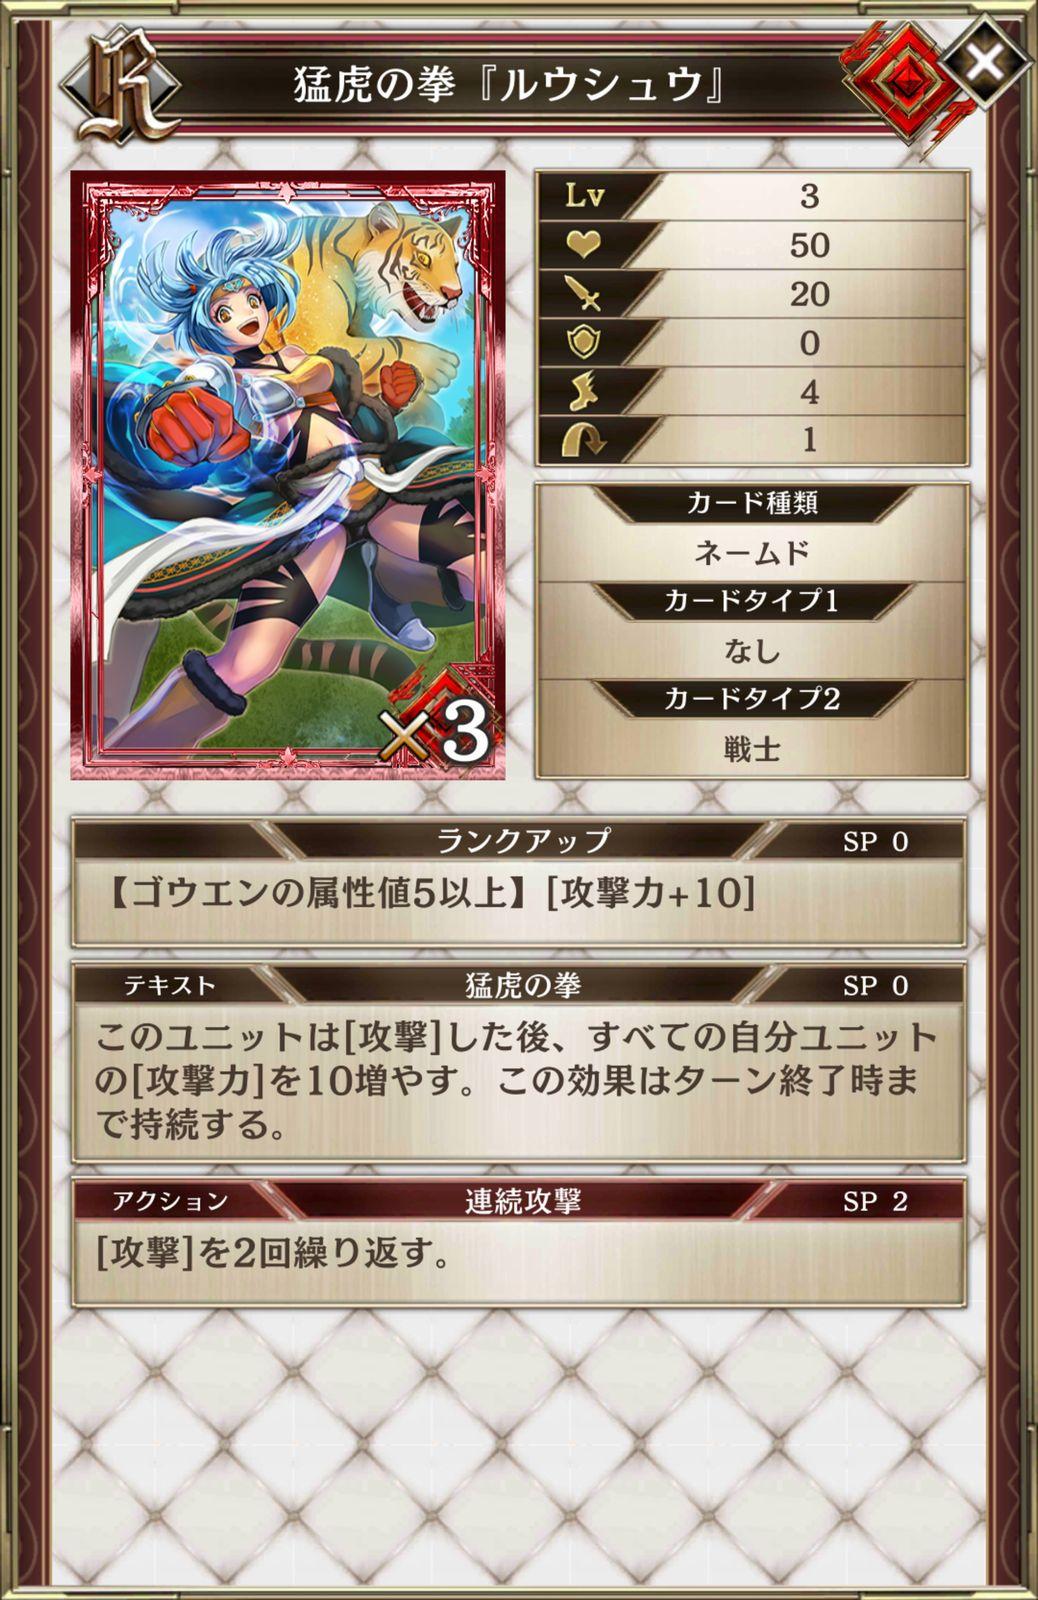 アルネオ【攻略】: 強烈な竜族ユニット追加!「時空を超えた邂逅」新カード活用法